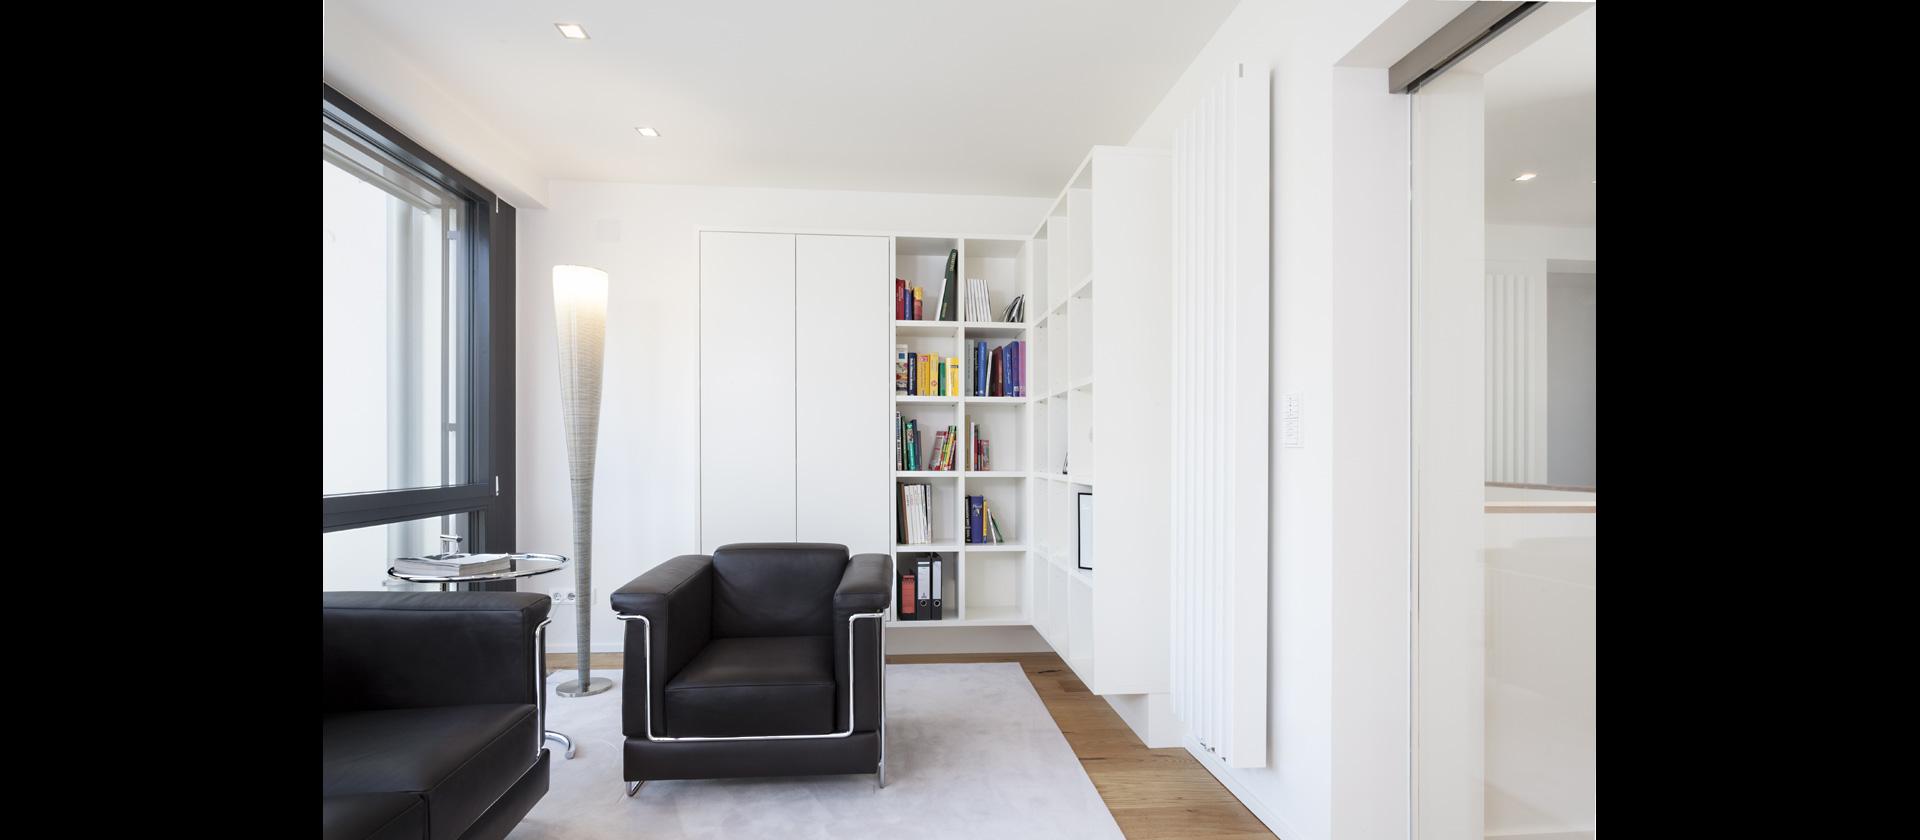 mtb homeoffice mit schwebenden sideboards b rom bel. Black Bedroom Furniture Sets. Home Design Ideas